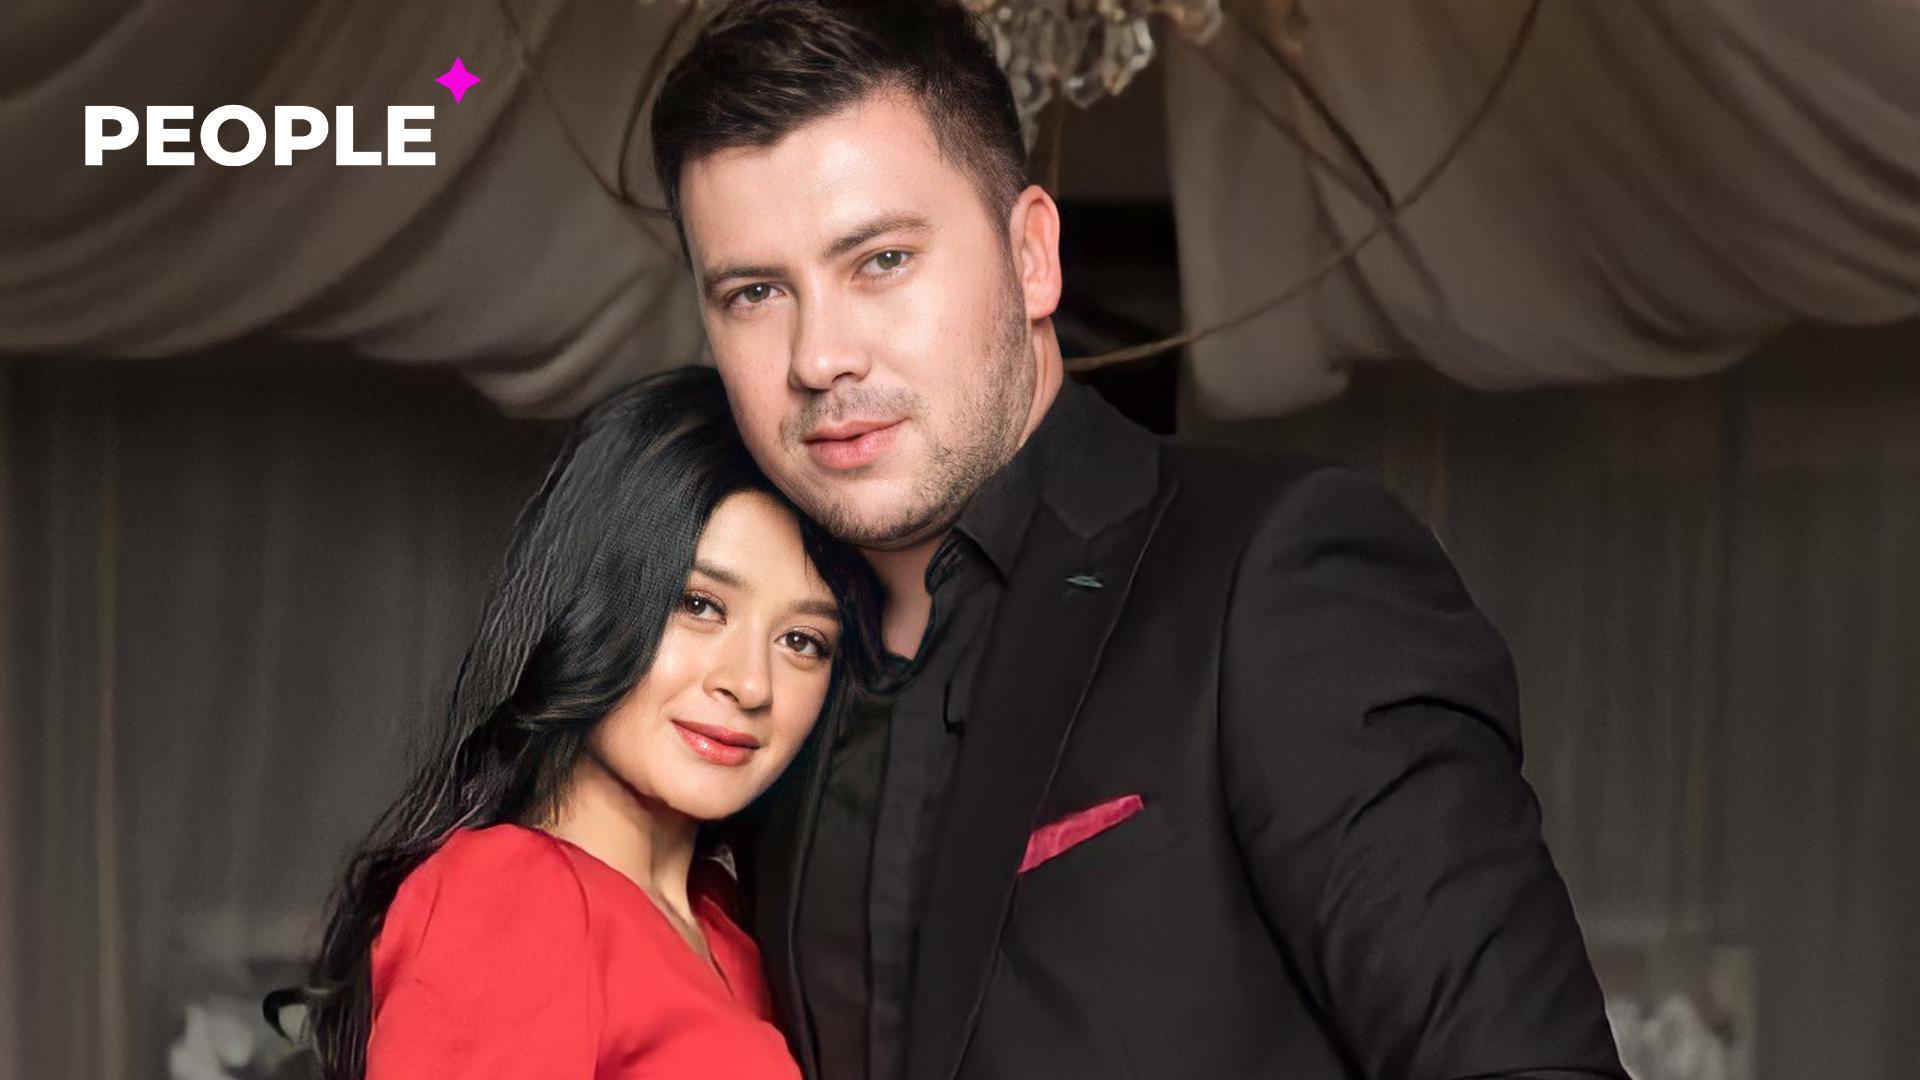 Певица Ширин рассказала, как познакомилась с будущим мужем Нодыром Зоитовым